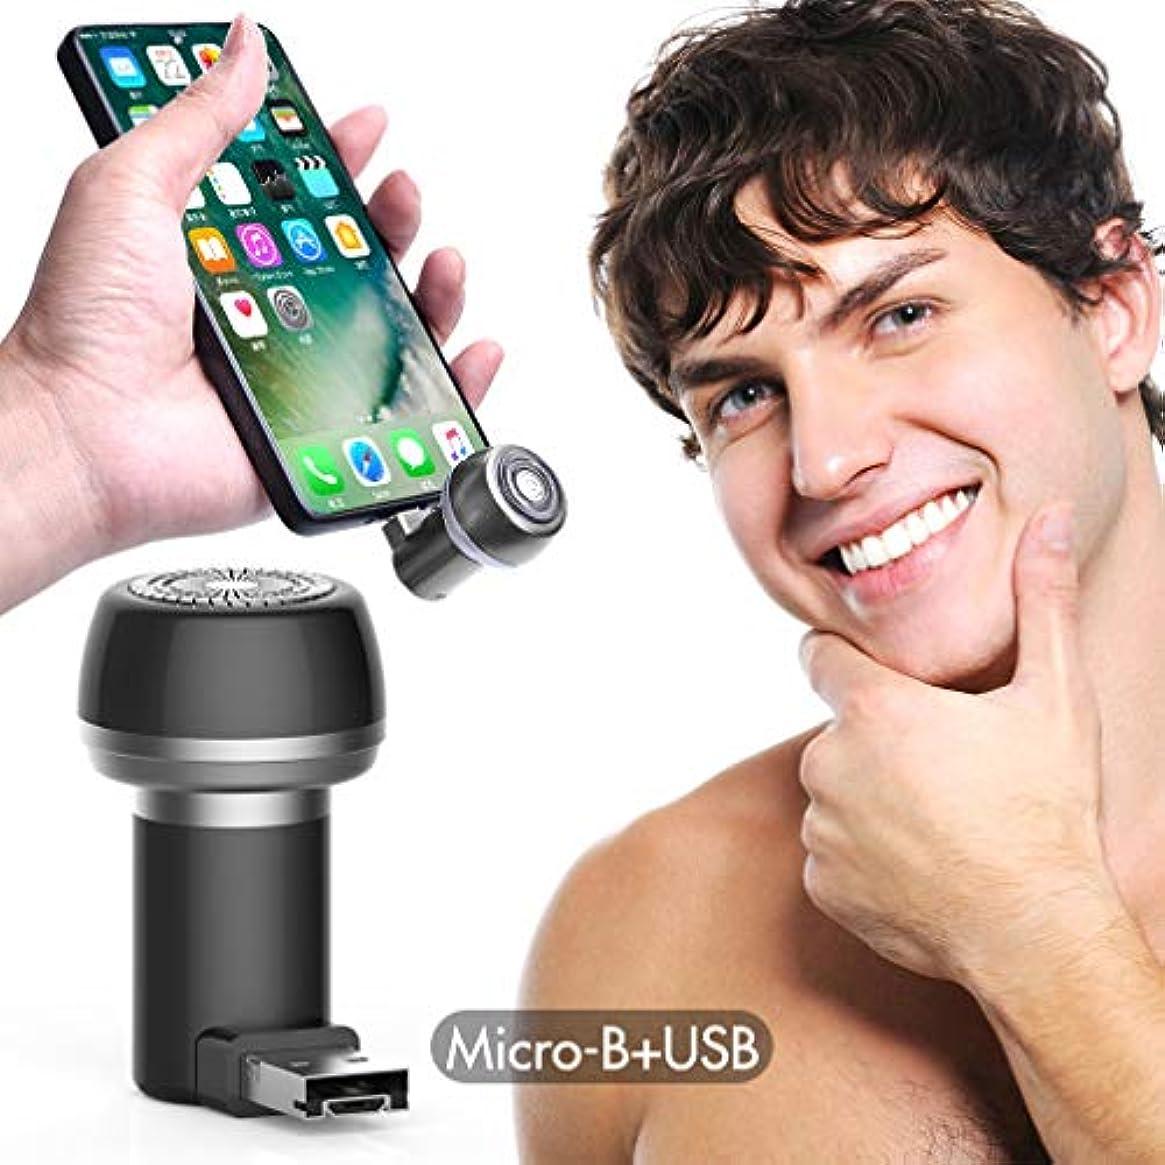 つなぐトレイル少年メンズシェーバー 磁気電気シェーバー 電気シェーバー type-cポート/USB充電式 持ち運び便利 ビジネス 通勤用 洗い可 旅行する Micro-USB